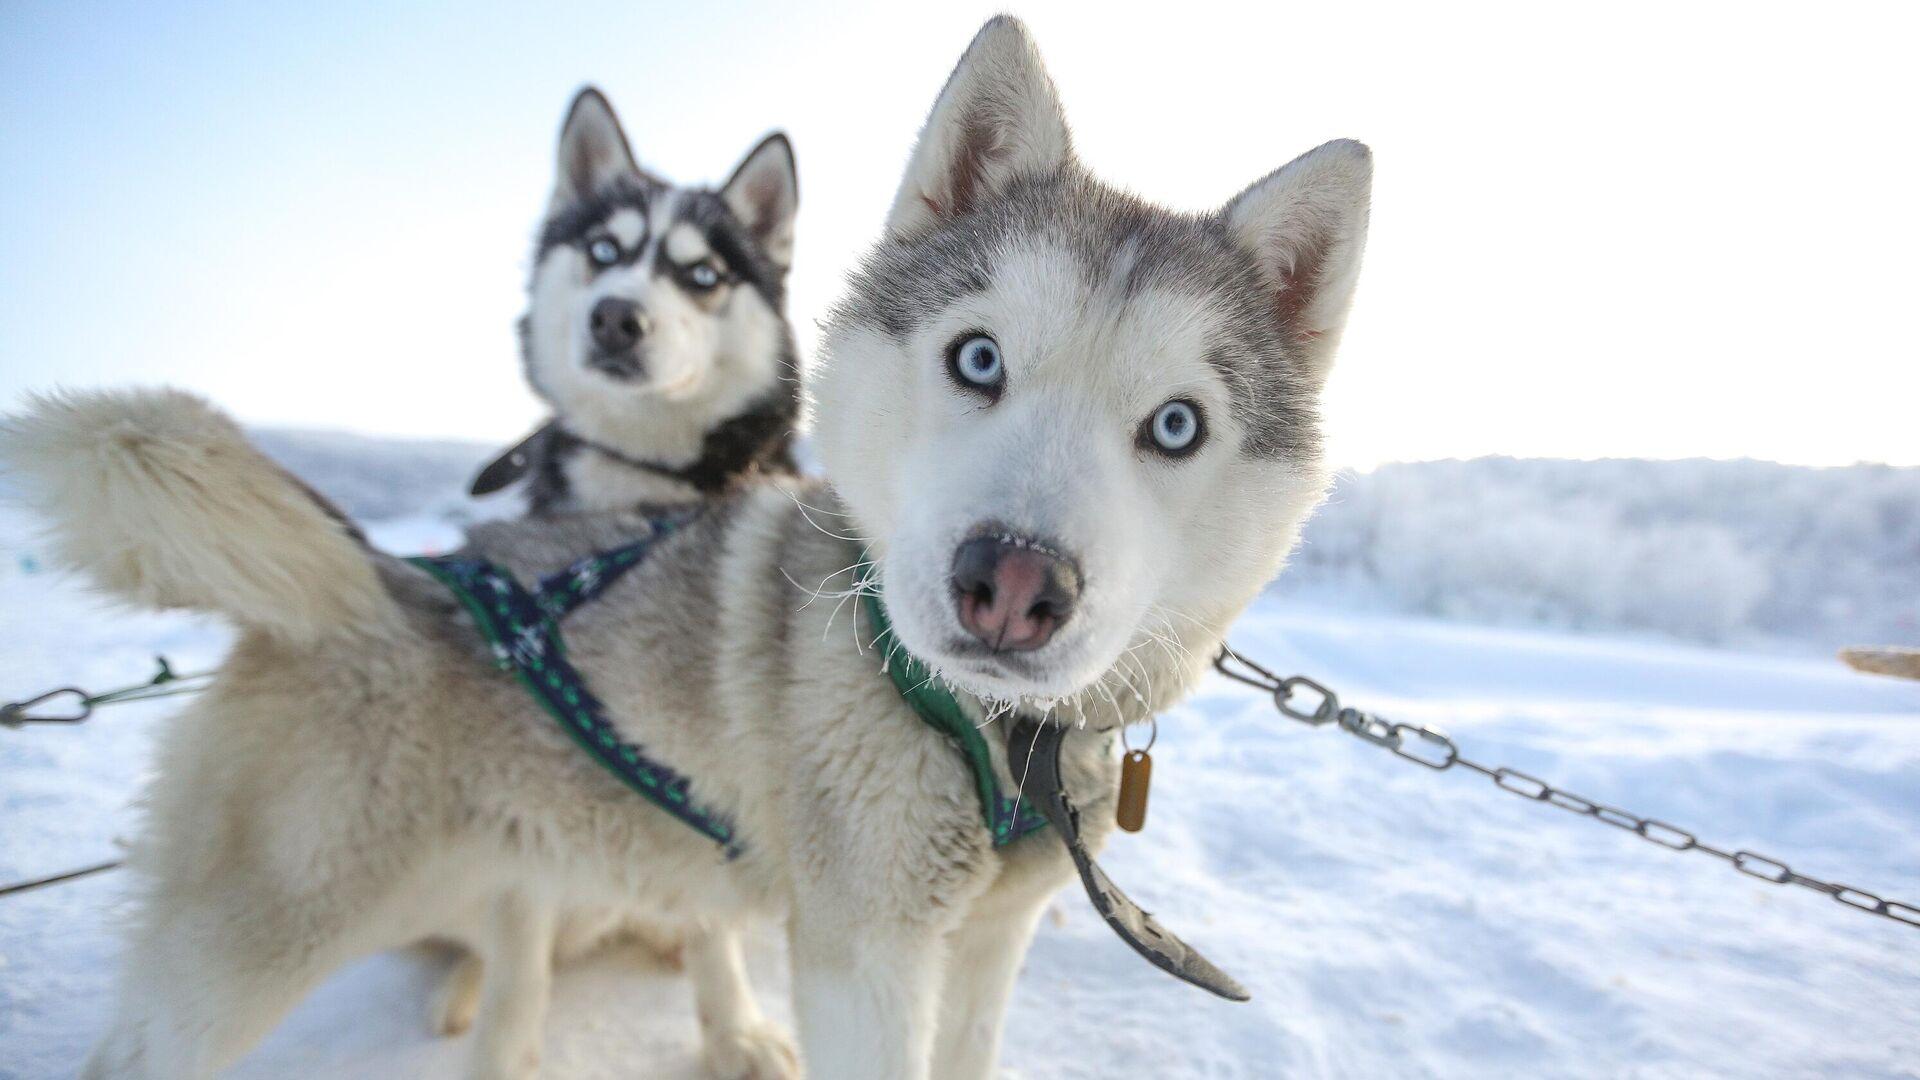 Ездовые собаки породы сибирский хаски в туристическом парке Северное сияние в Мурманской области - РИА Новости, 1920, 14.01.2021